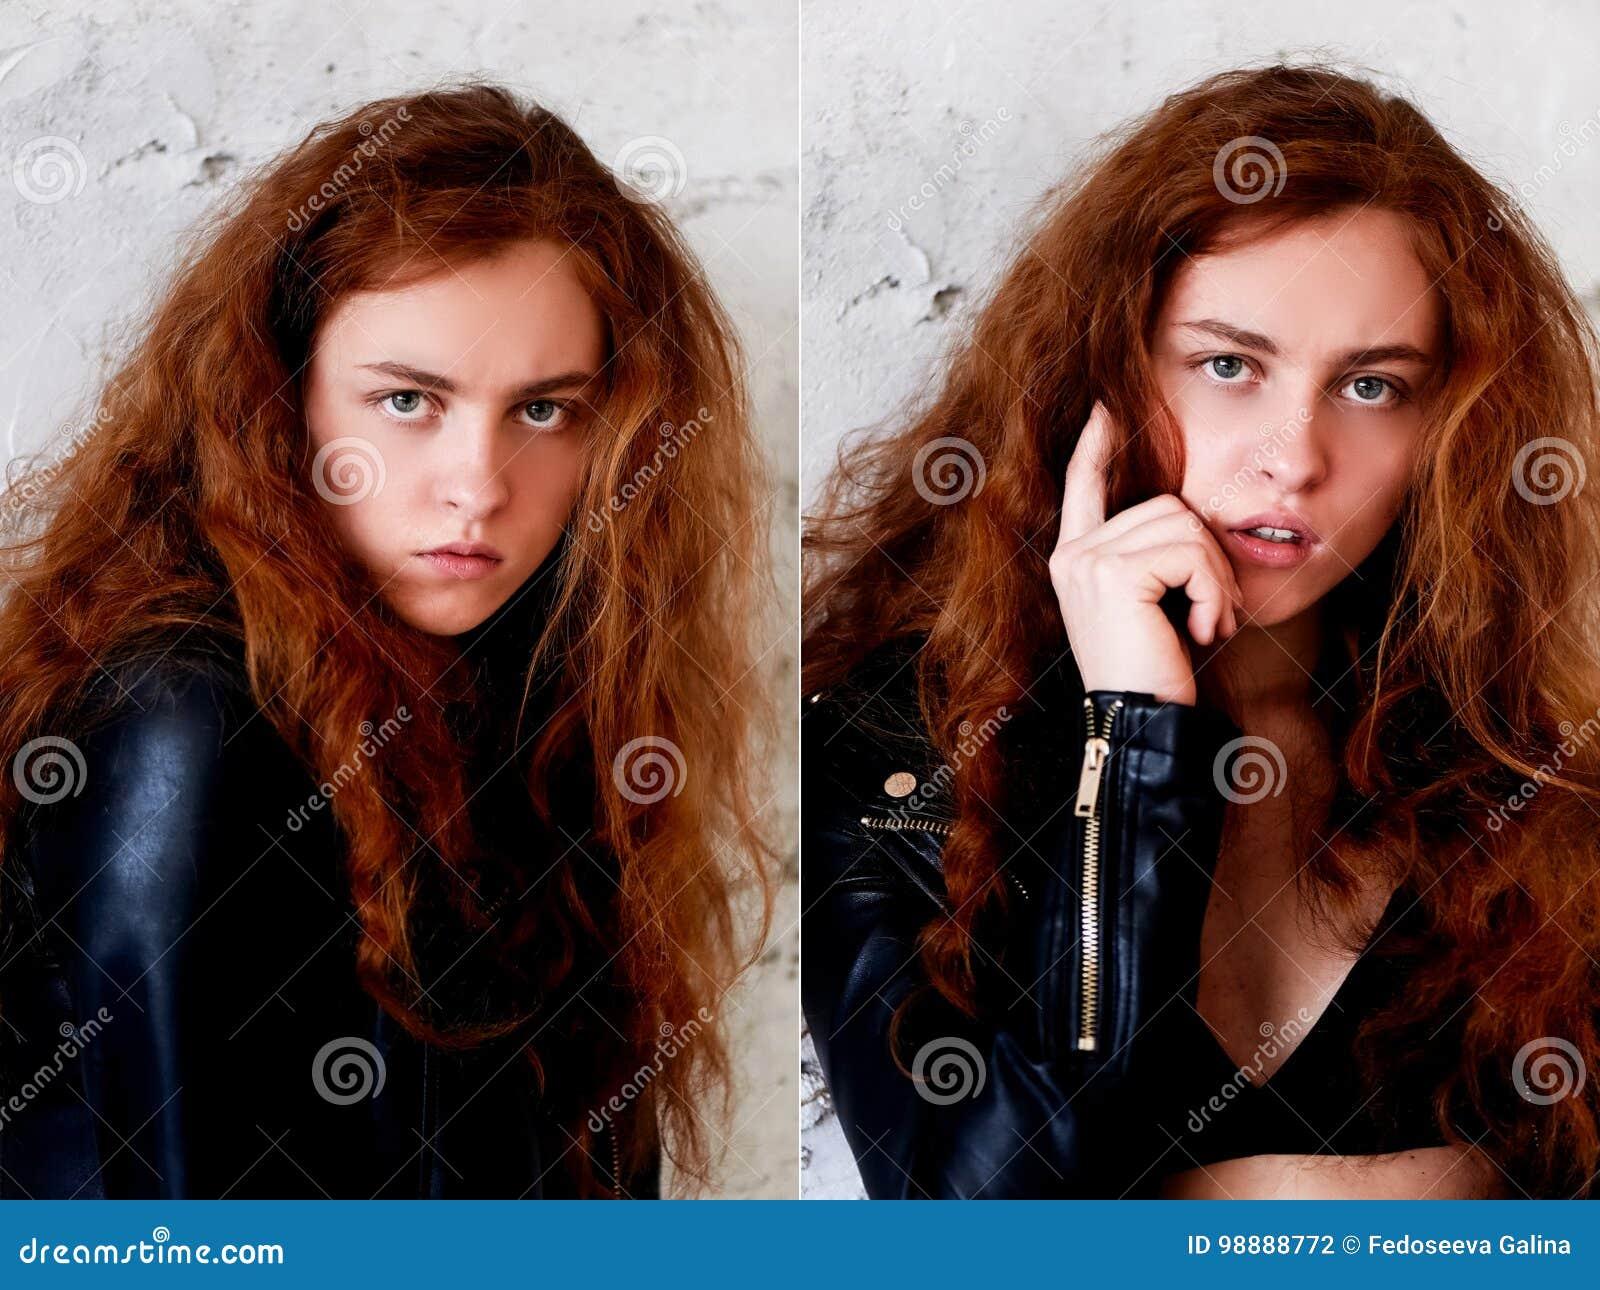 Essai couleur cheveux avec photo